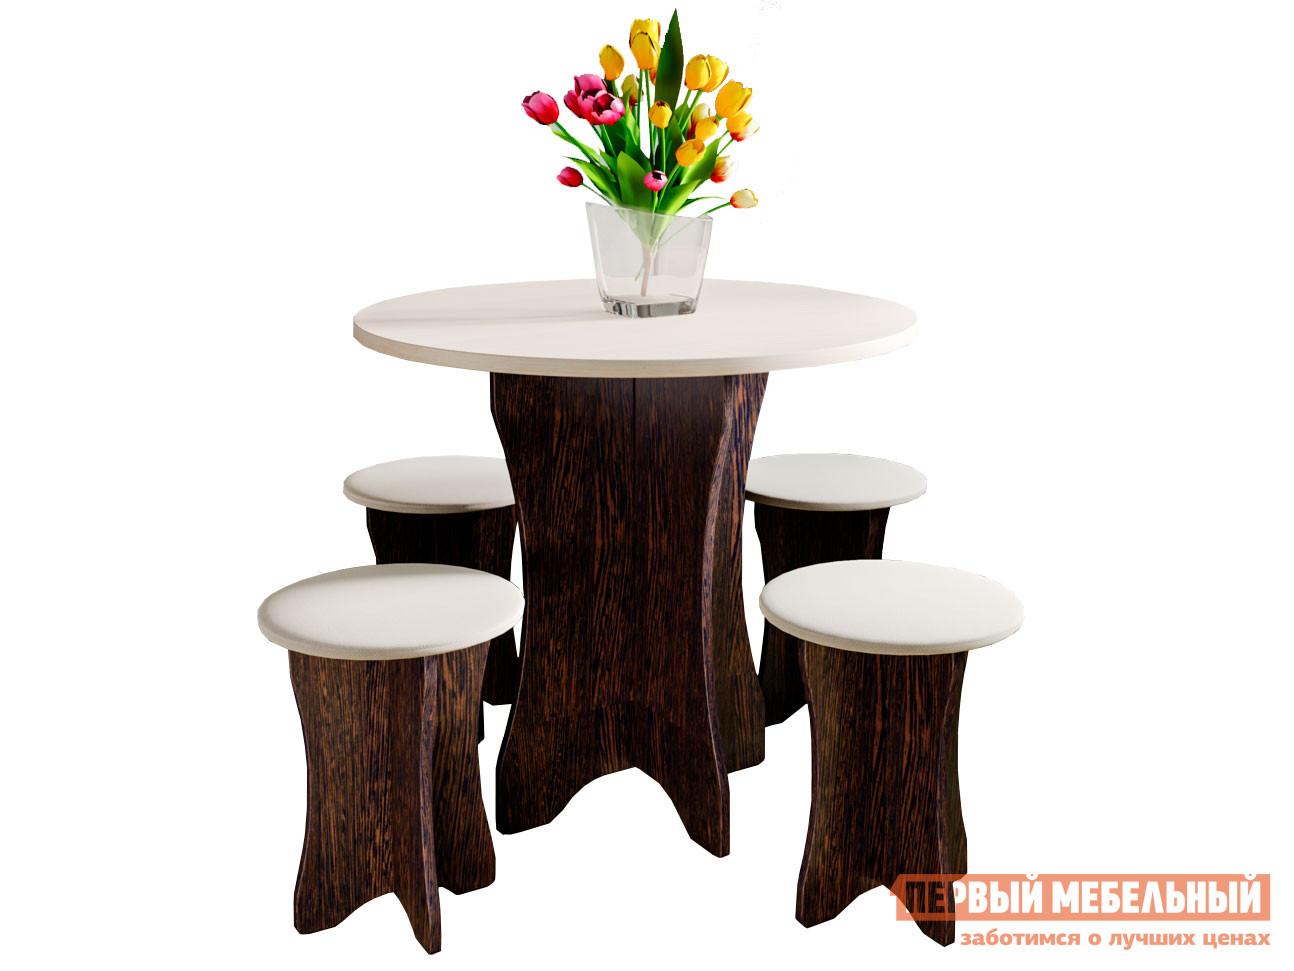 Обеденная группа для столовой и гостиной  Обеденная группа Прима Венге, дуб молочный / Бежевый, экокожа